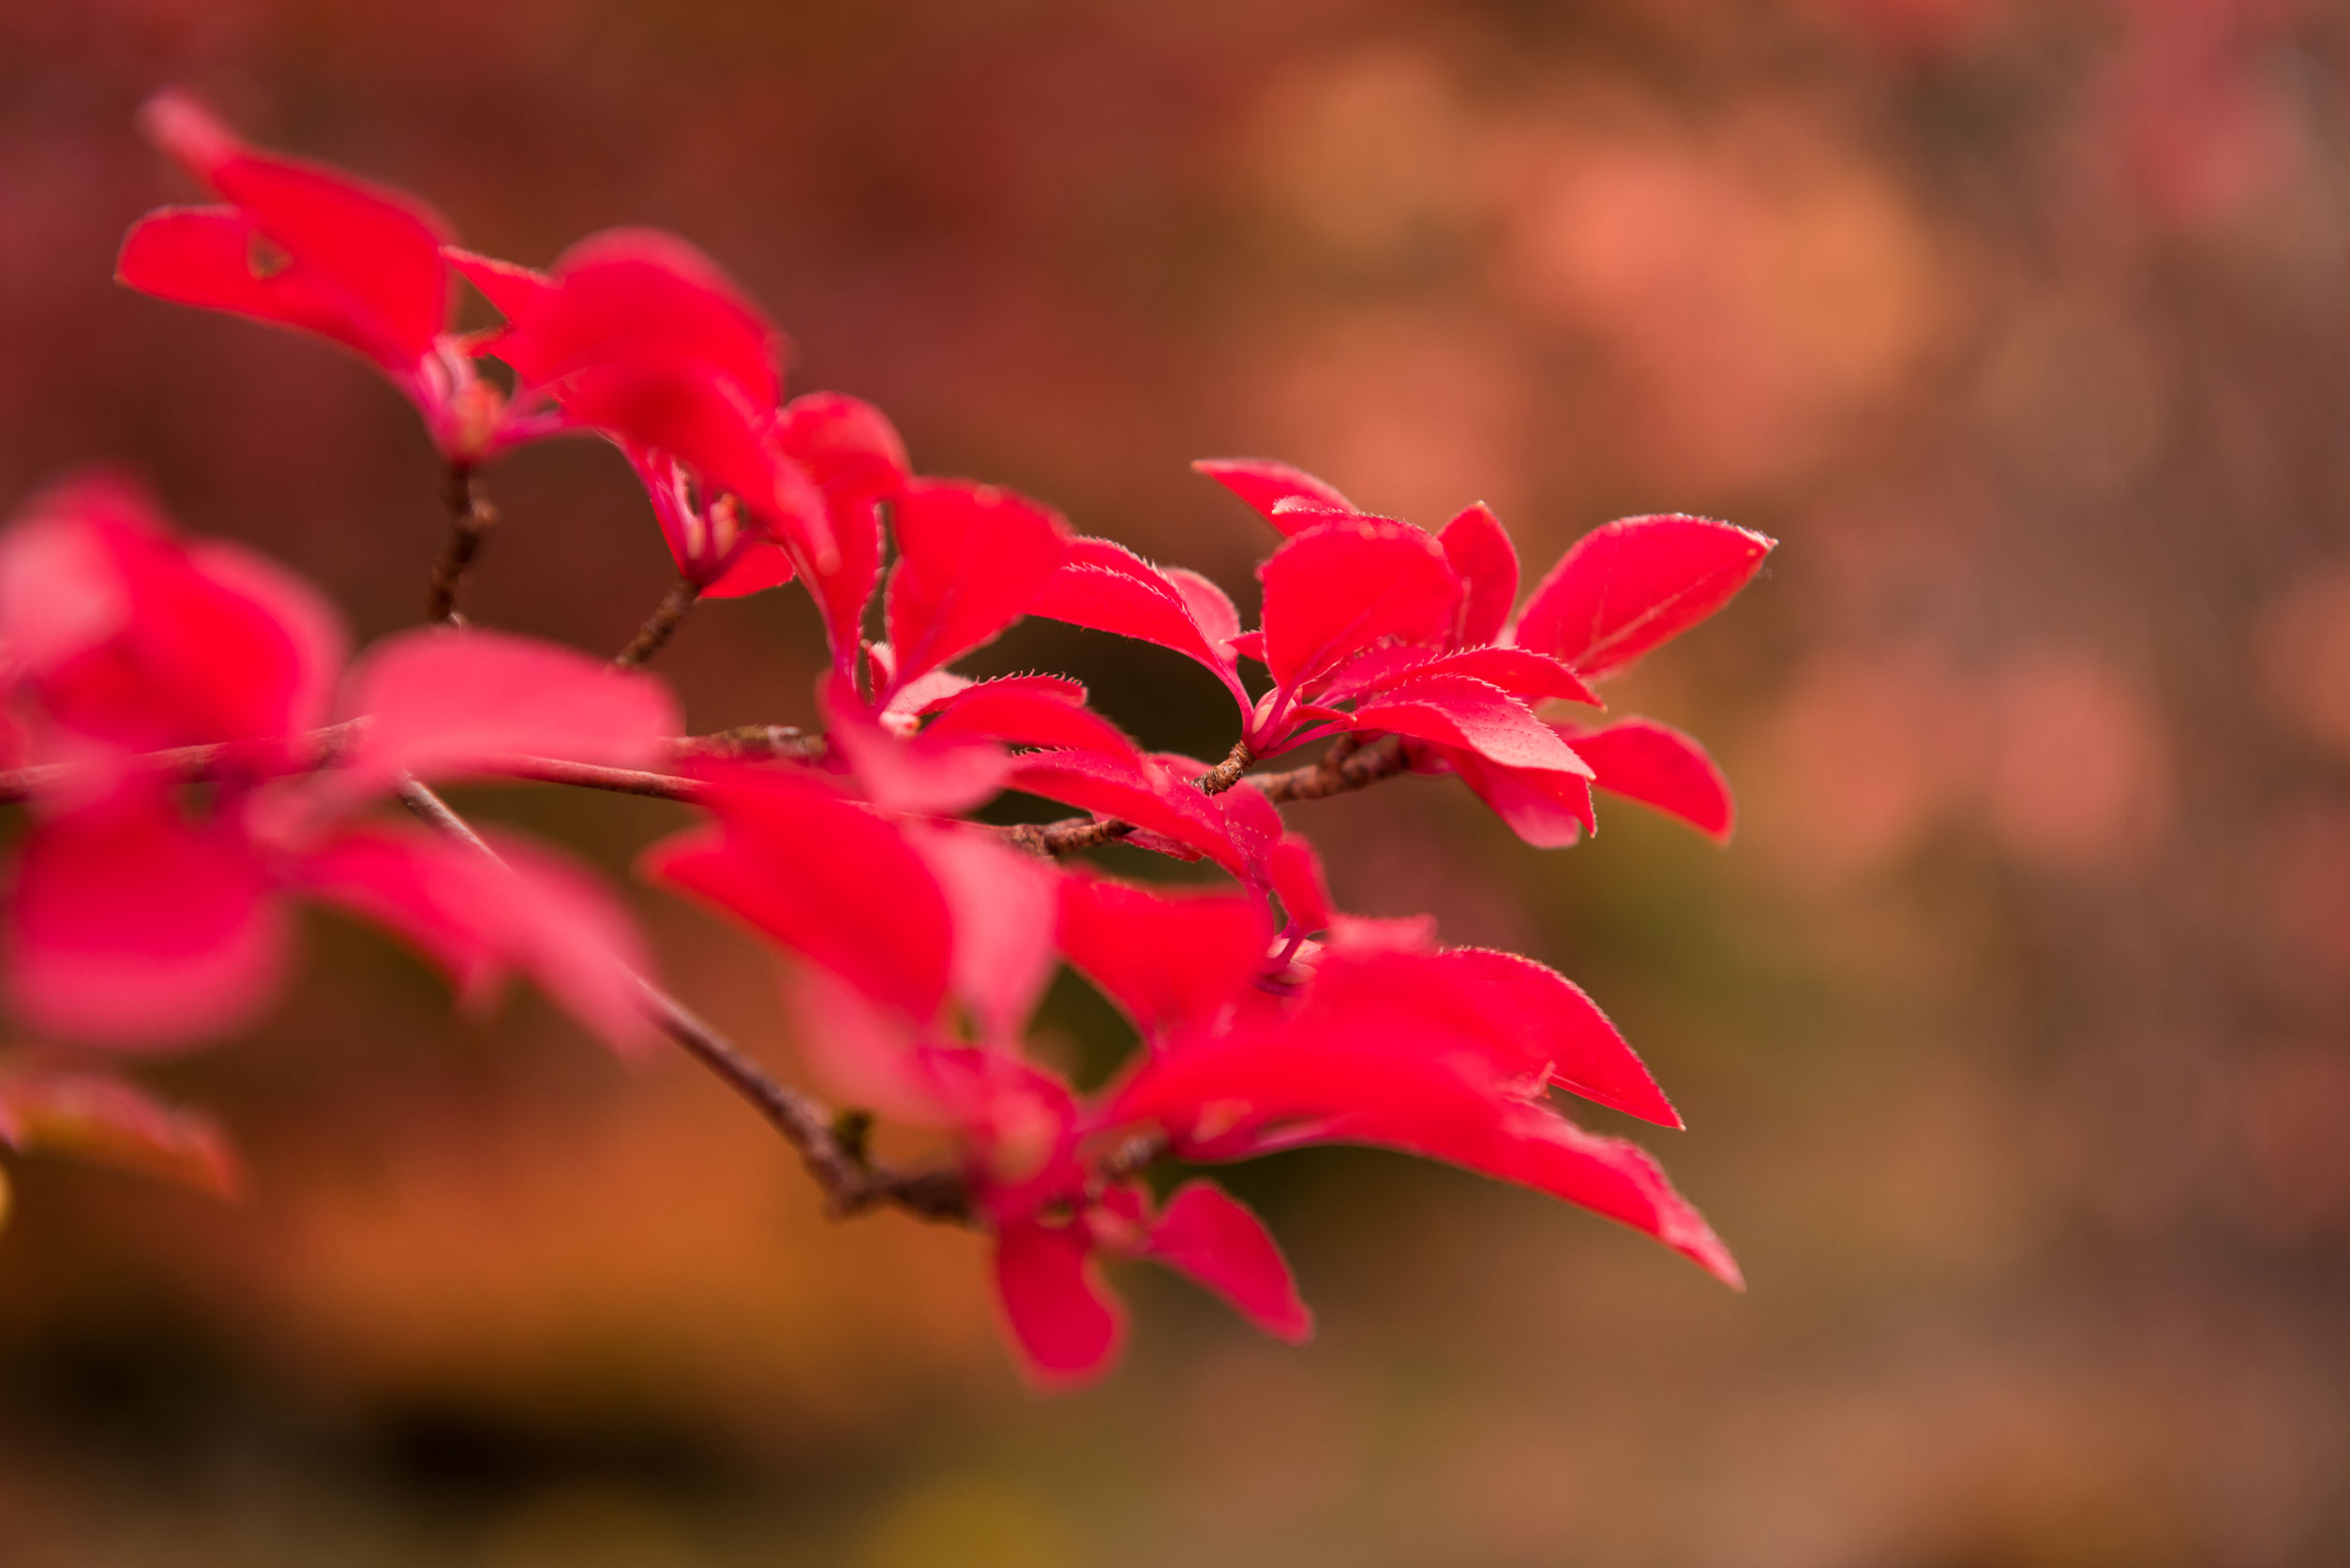 46733866 - autumn botany background